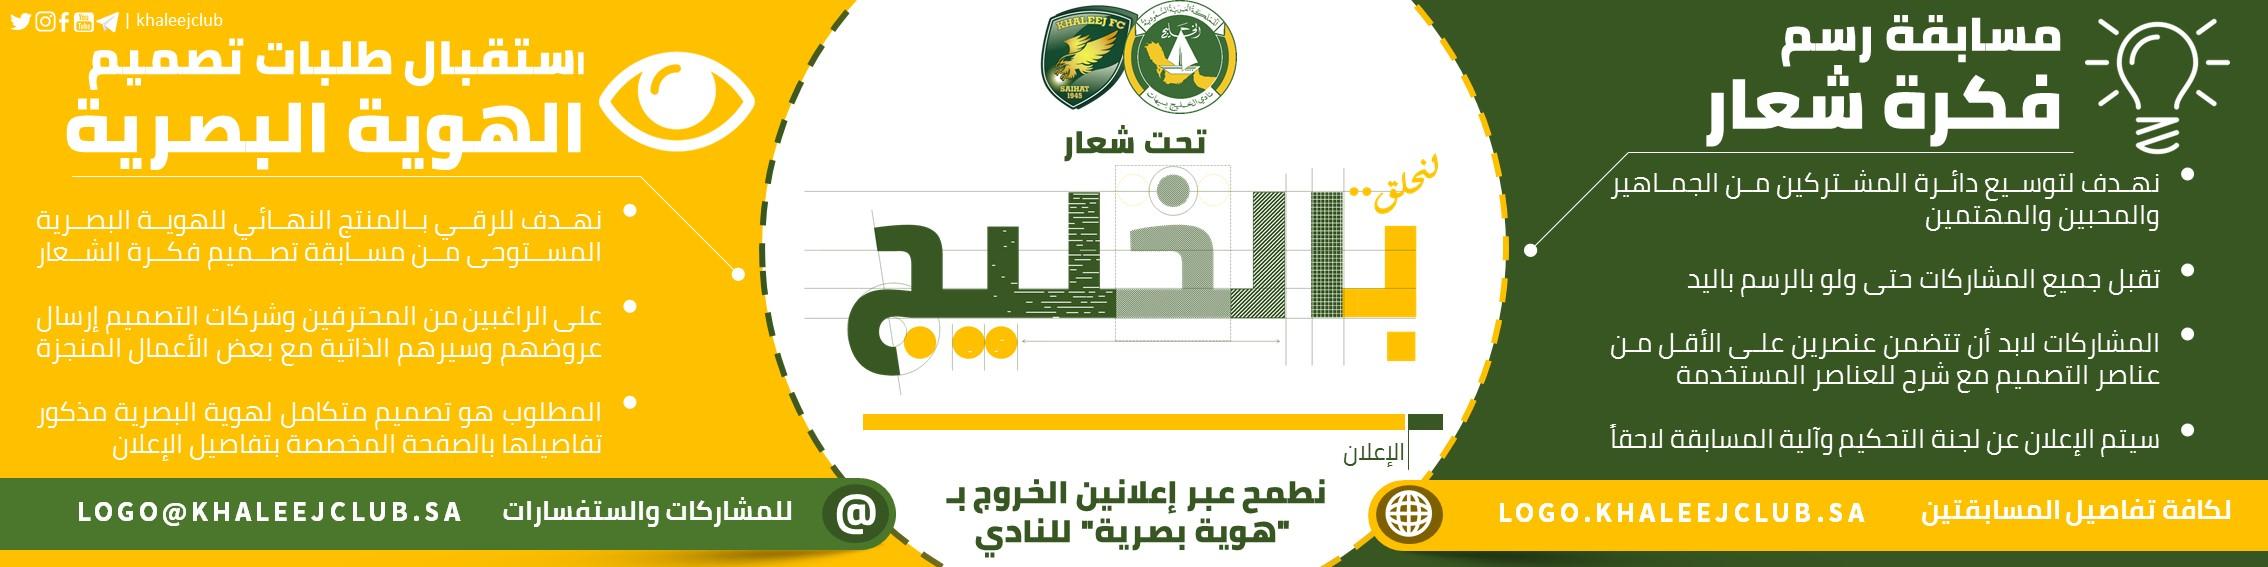 نادي الخليج يطلق #لنحلق_بالخليج , الكابه: نهدف عبر مسابقتي رسم الشعار وتصميم الهوية البصرية إشراك الجميع